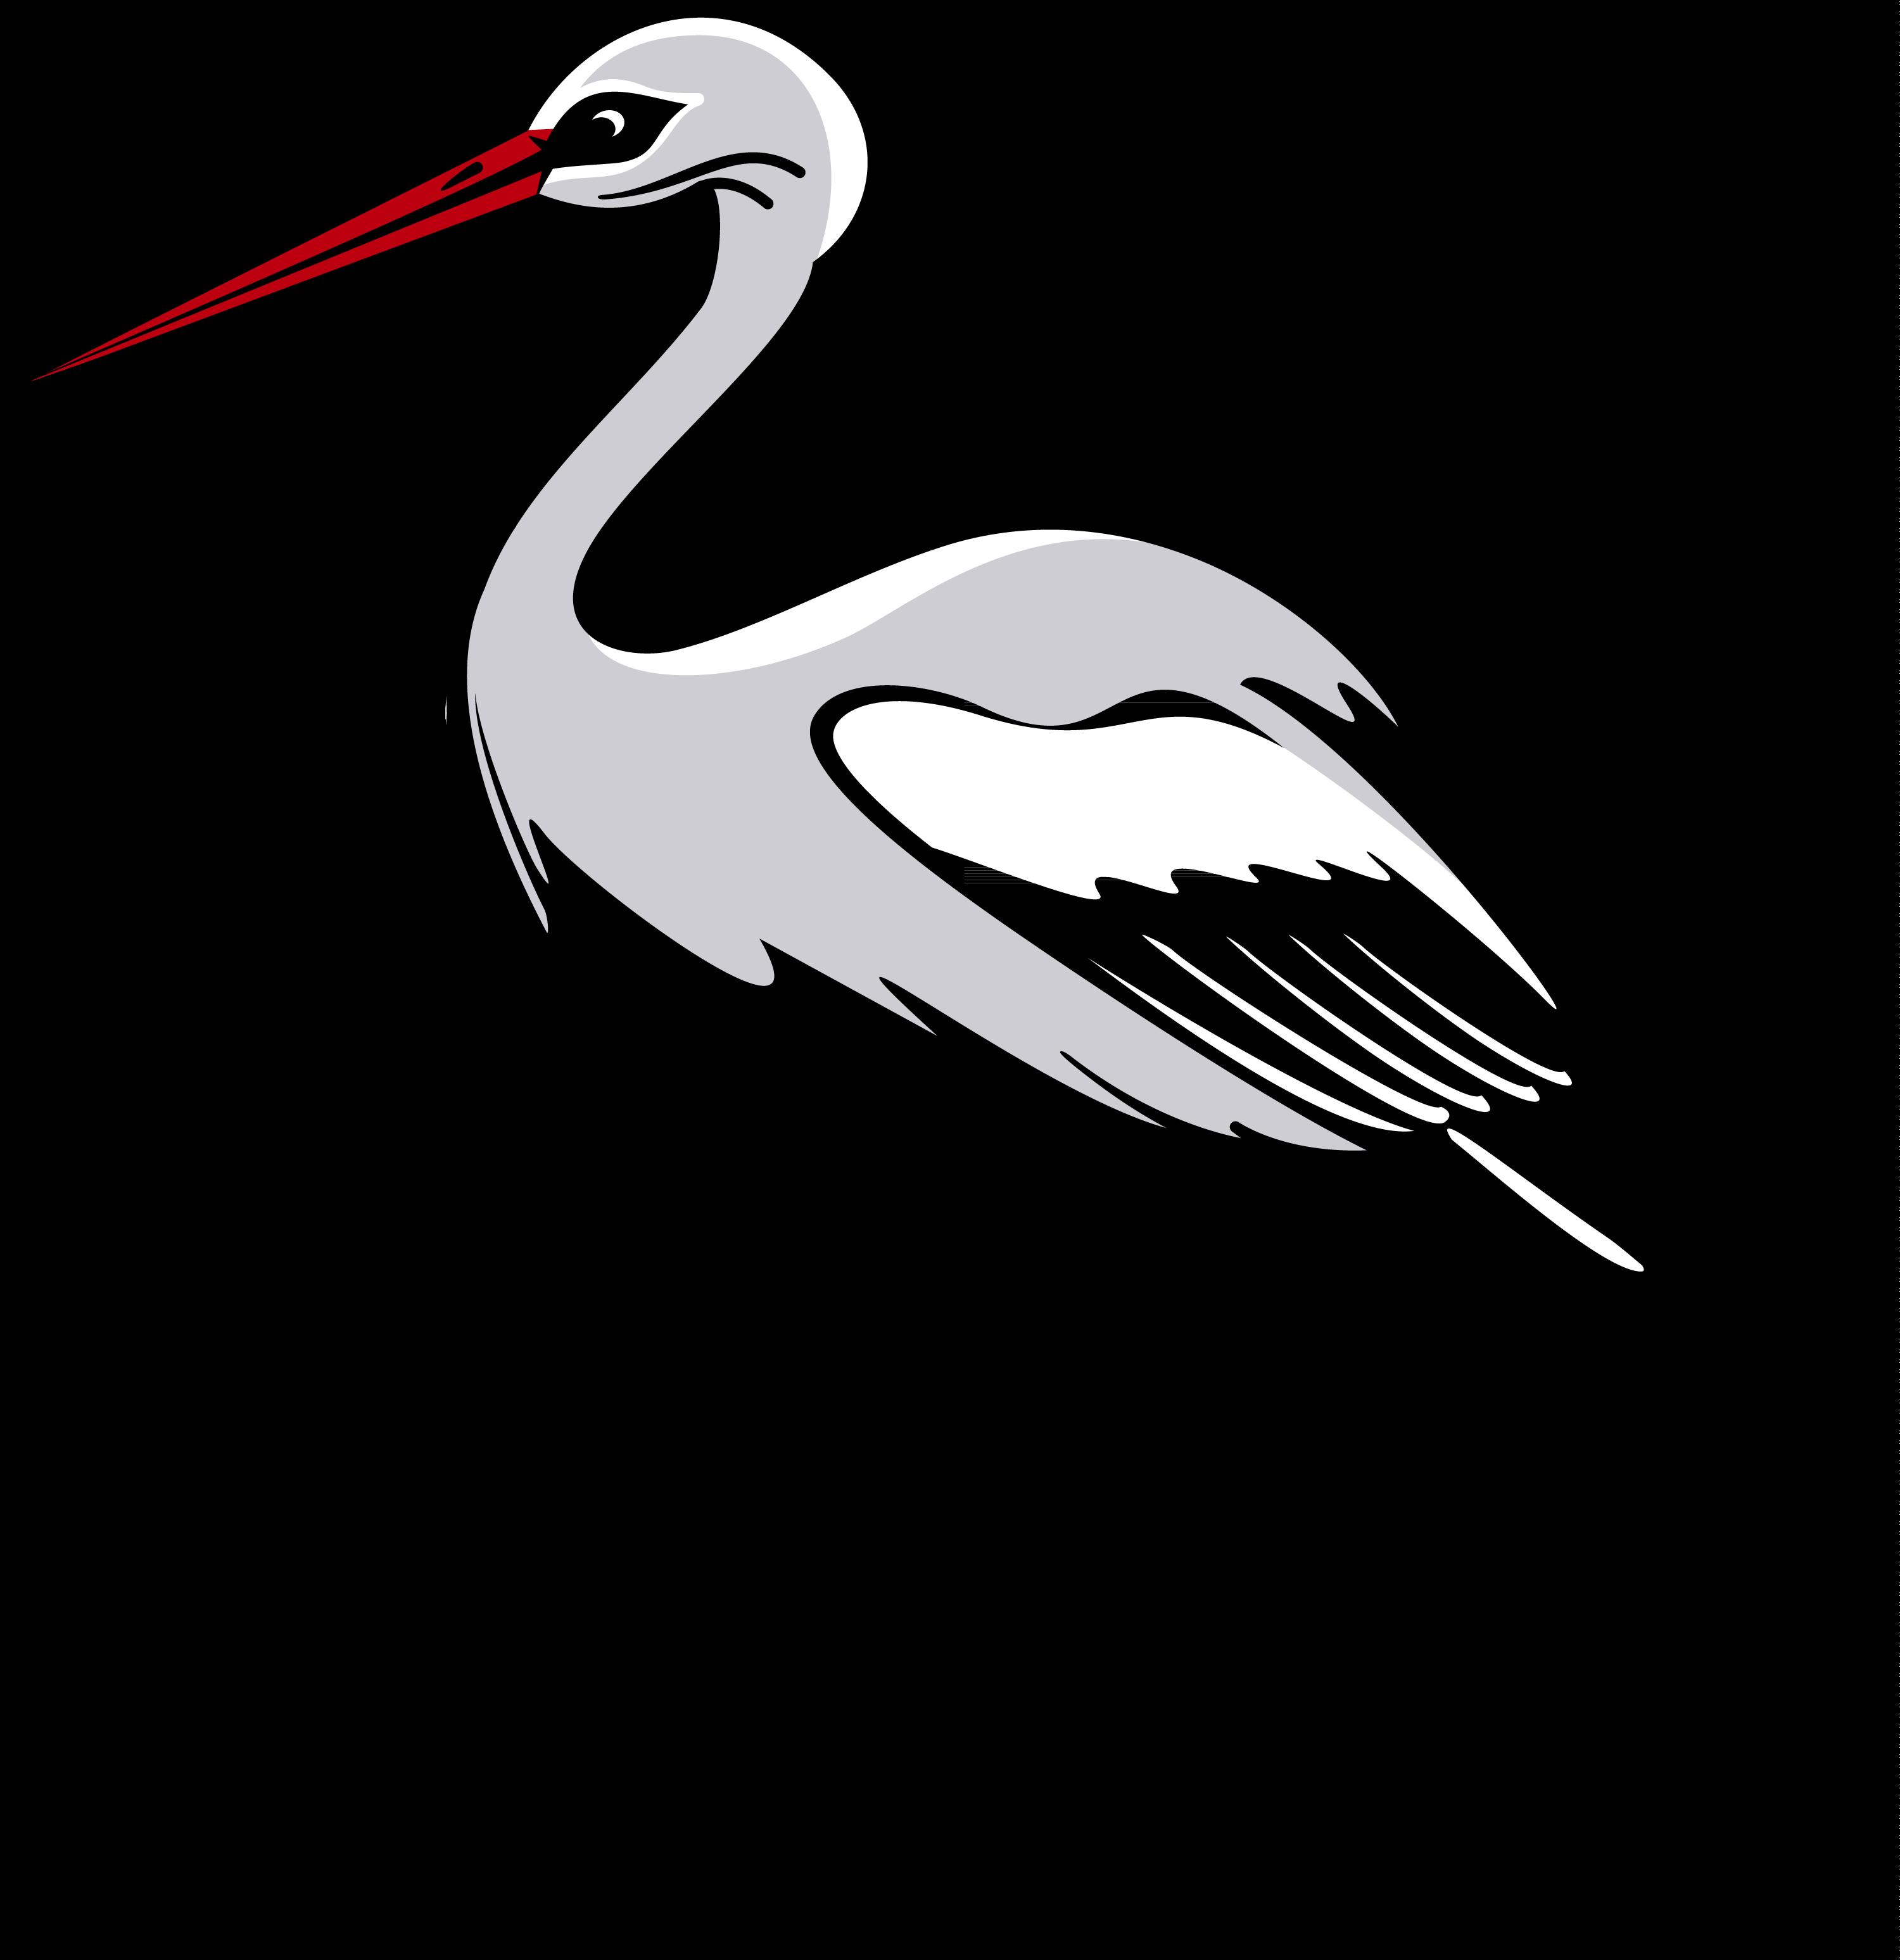 Stork png web icons. Crane clipart crane arm